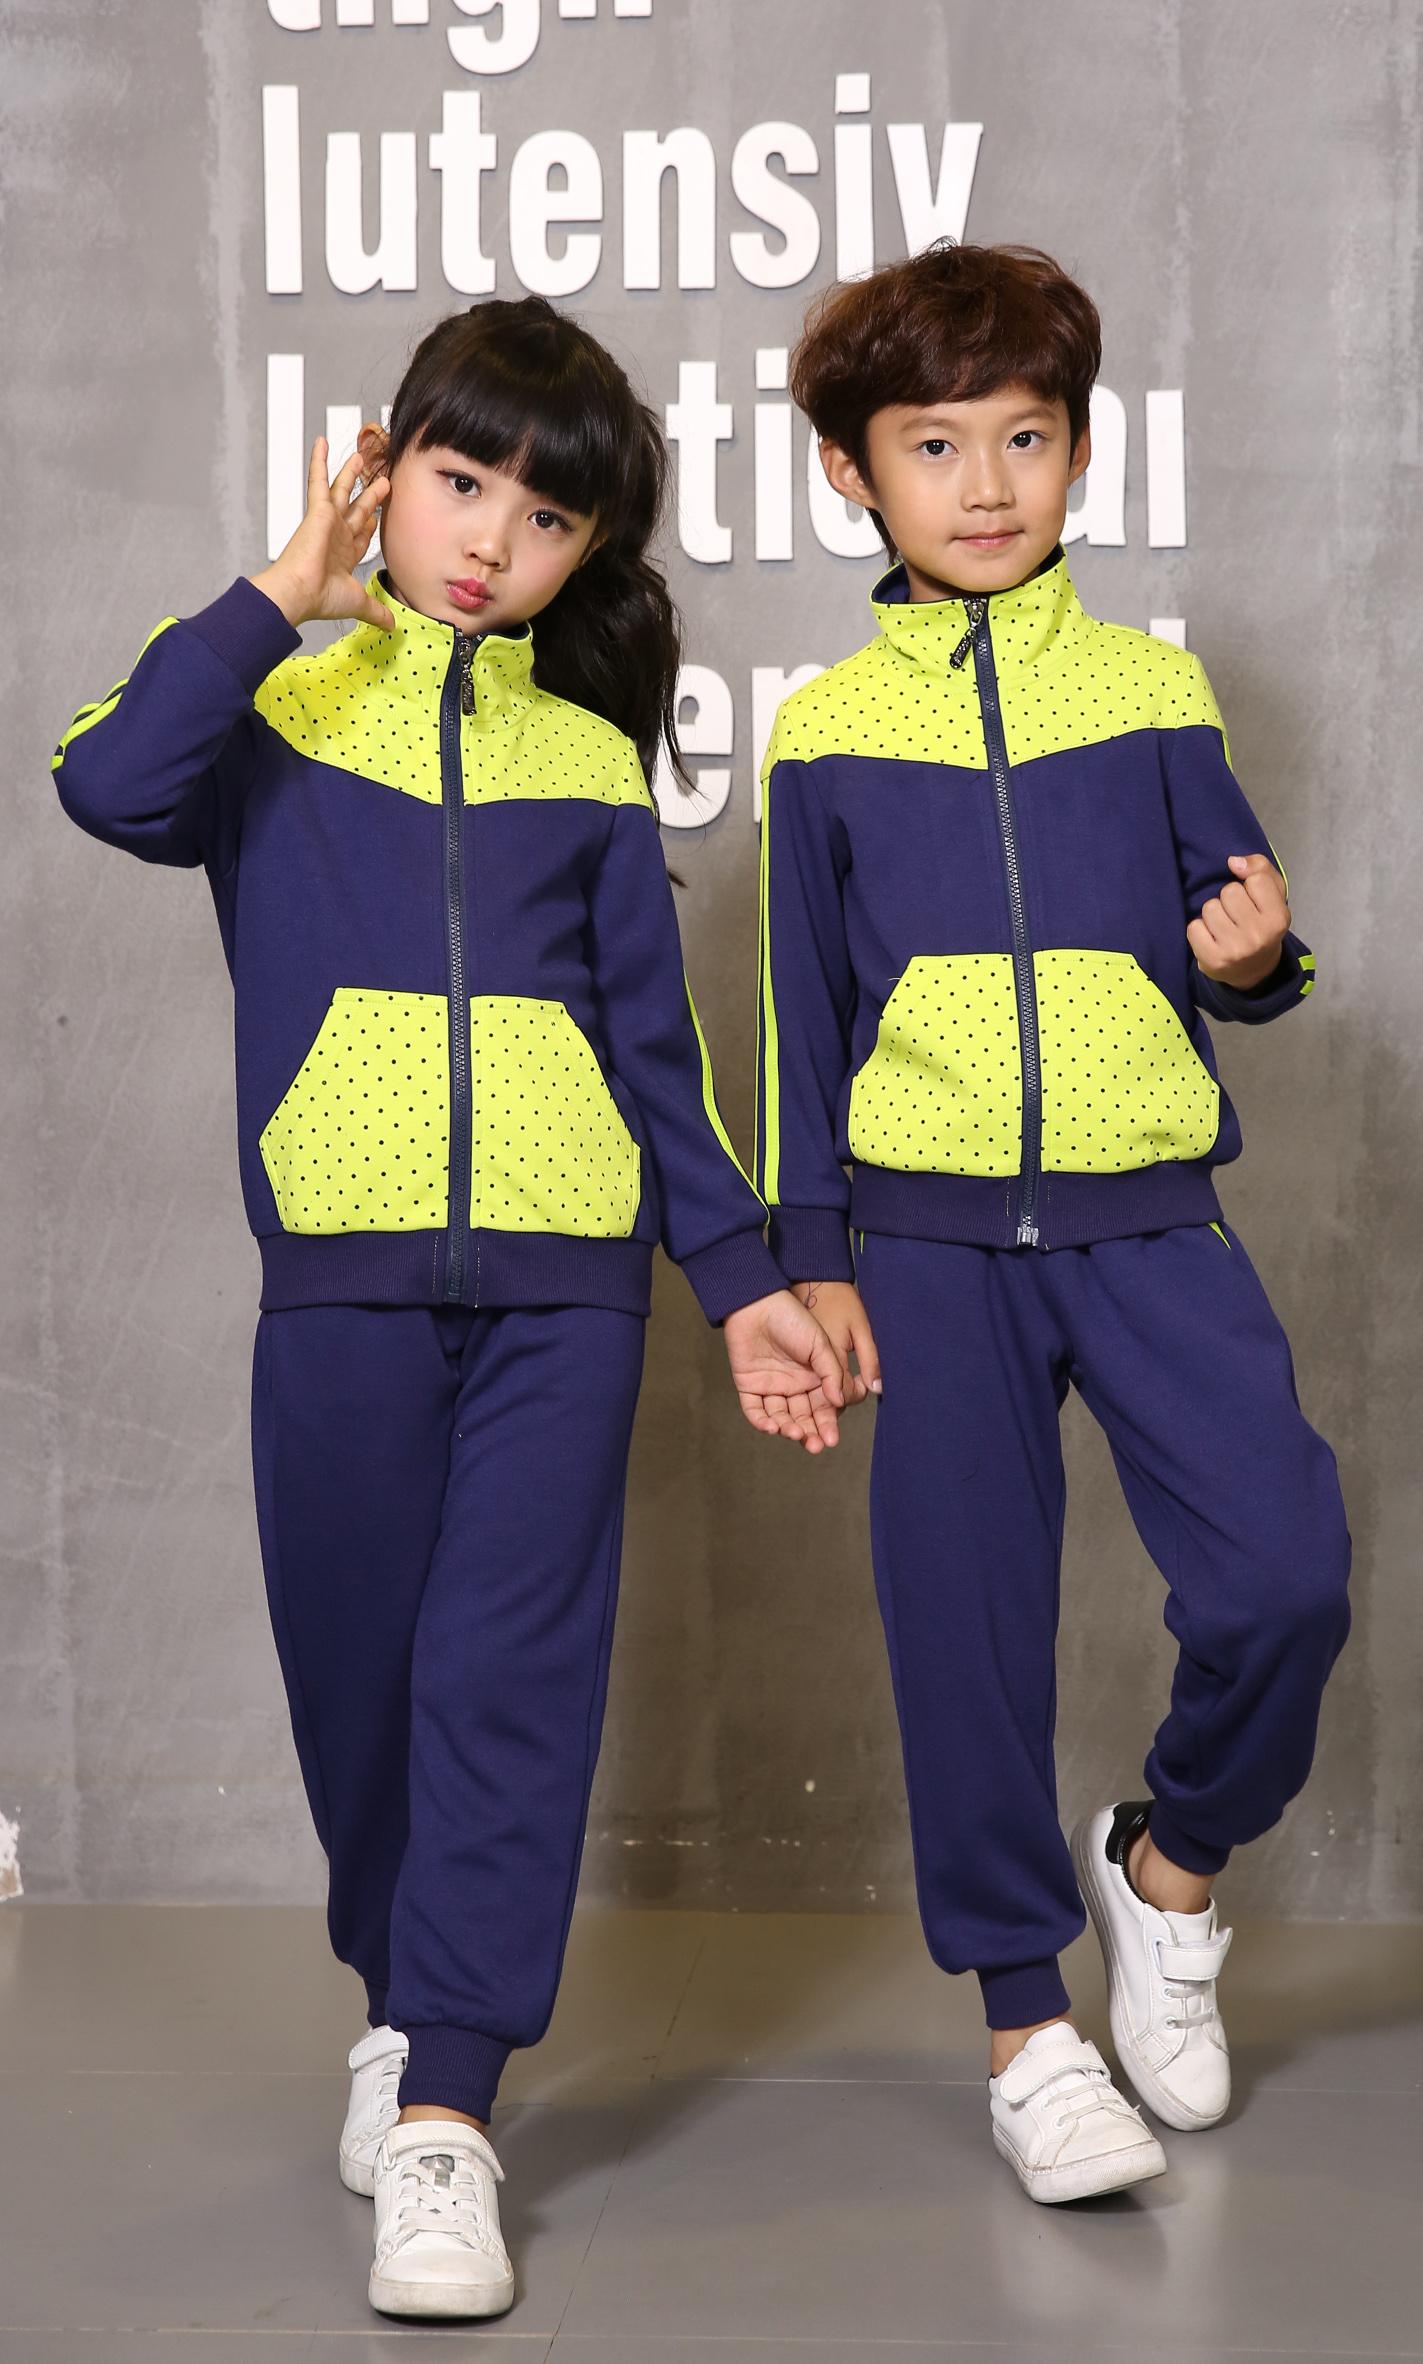 艾咪天使学生校园套装幼儿园外套校服秋冬运动装AM17TZ012